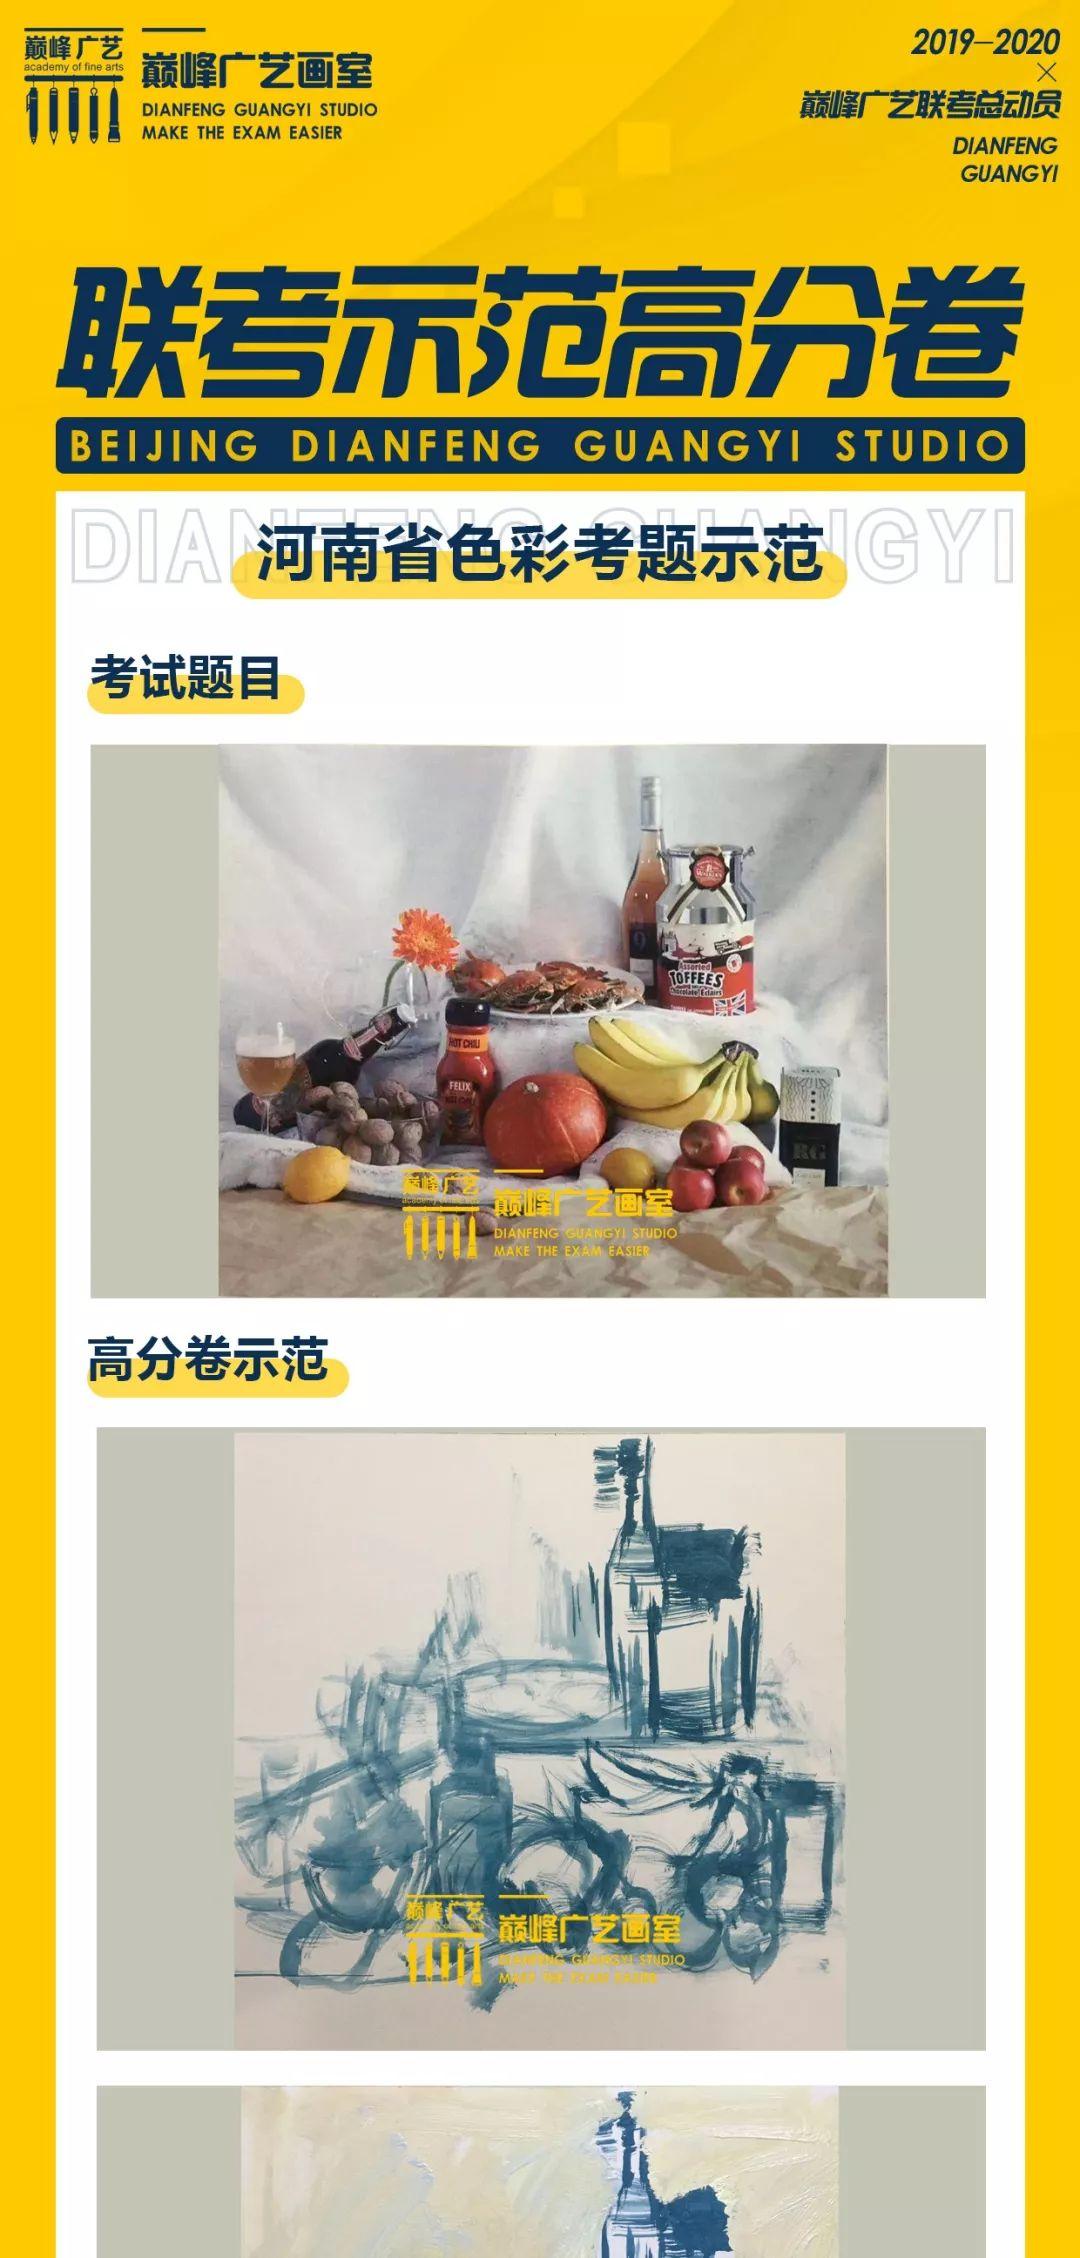 斩获285分!【联考战绩展】巅峰广艺河南省联考战绩展         19